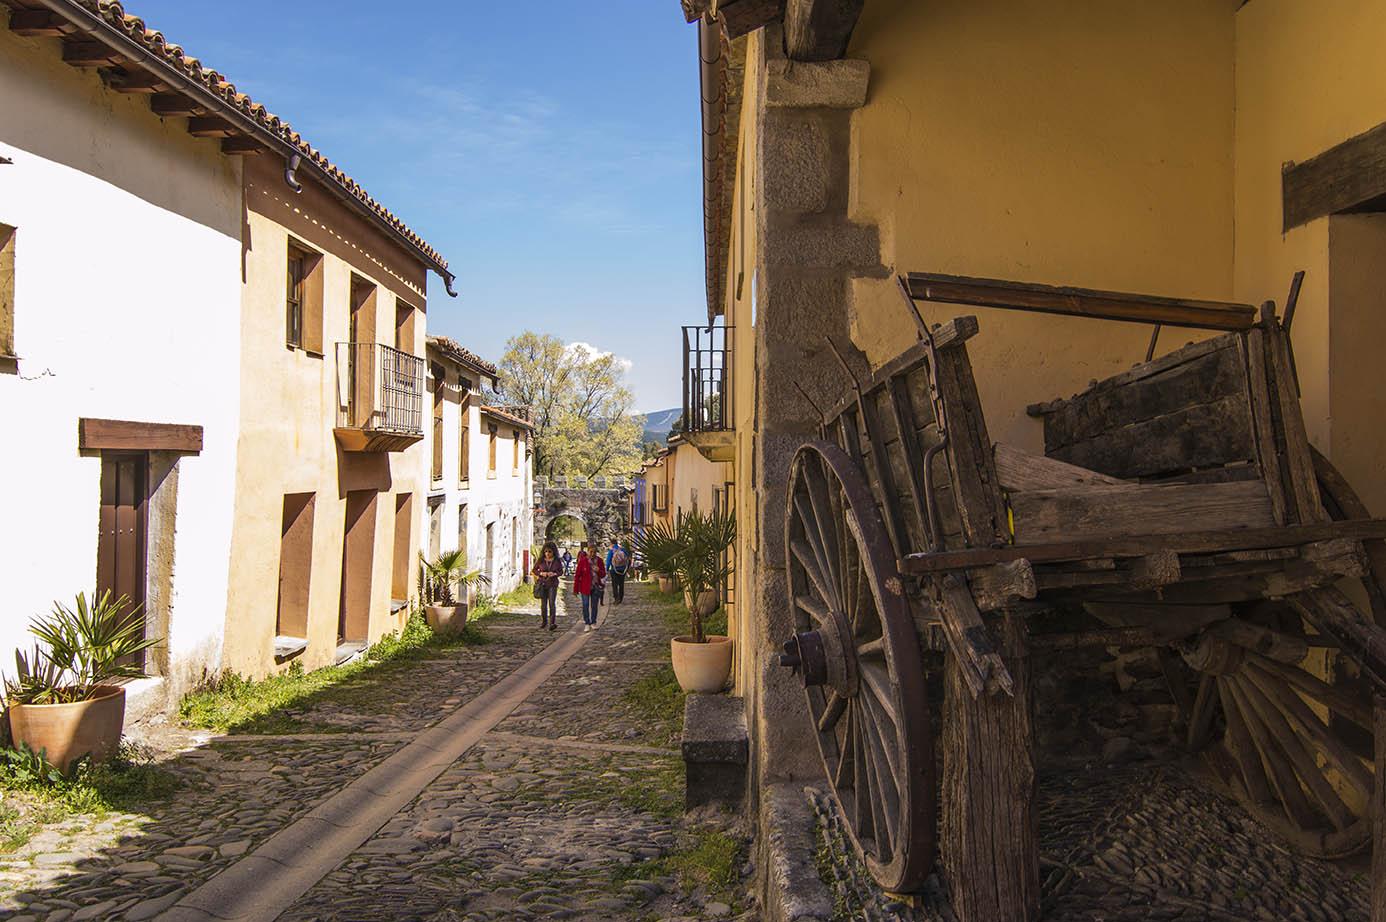 Calle empedrada de Granadilla